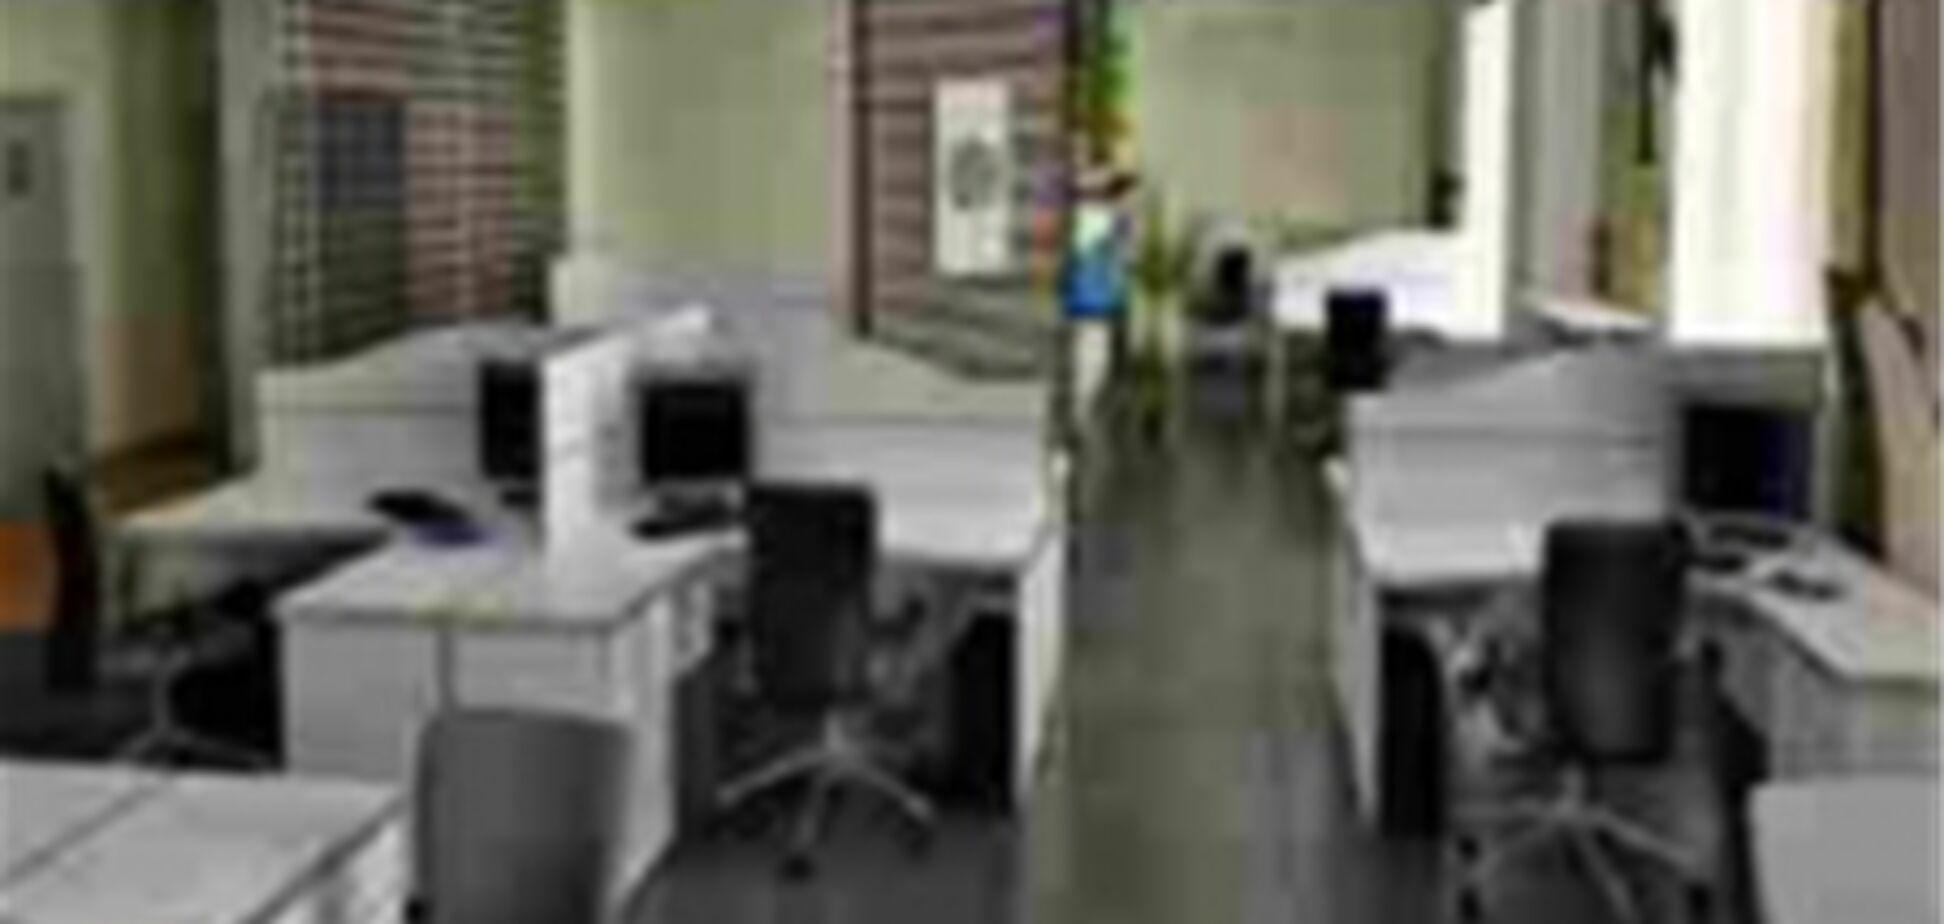 Вакантность офисов в Киеве может возрасти до 20%